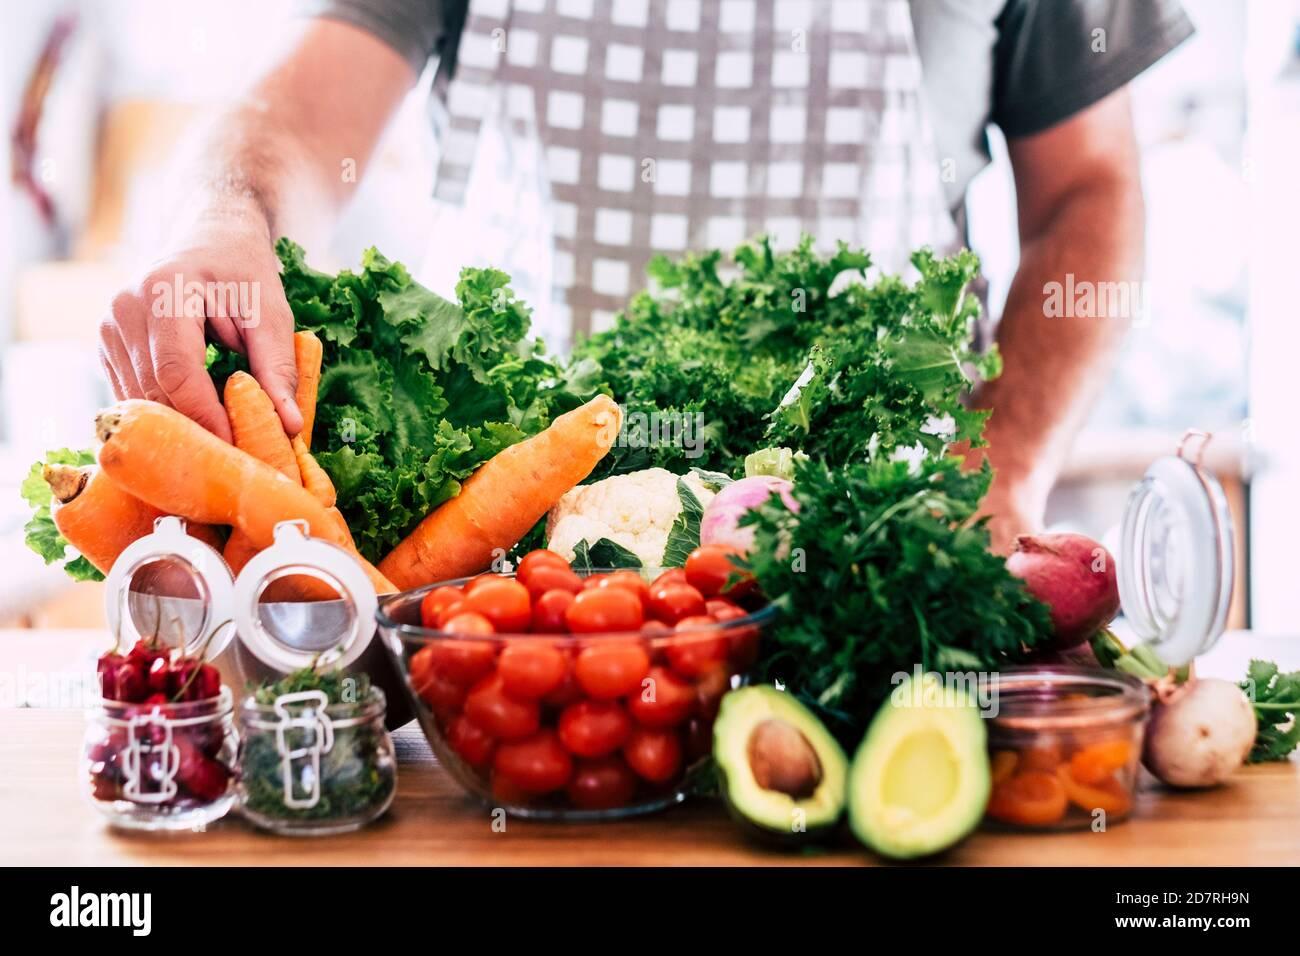 Nicht erkennbarer Erwachsener mit viel Gemüse auf dem Tisch - gemischte bunte Saison Lebensmittel und Früchte für Vegetarier oder Vegane Menschen - gesundes Livestyl Stockfoto